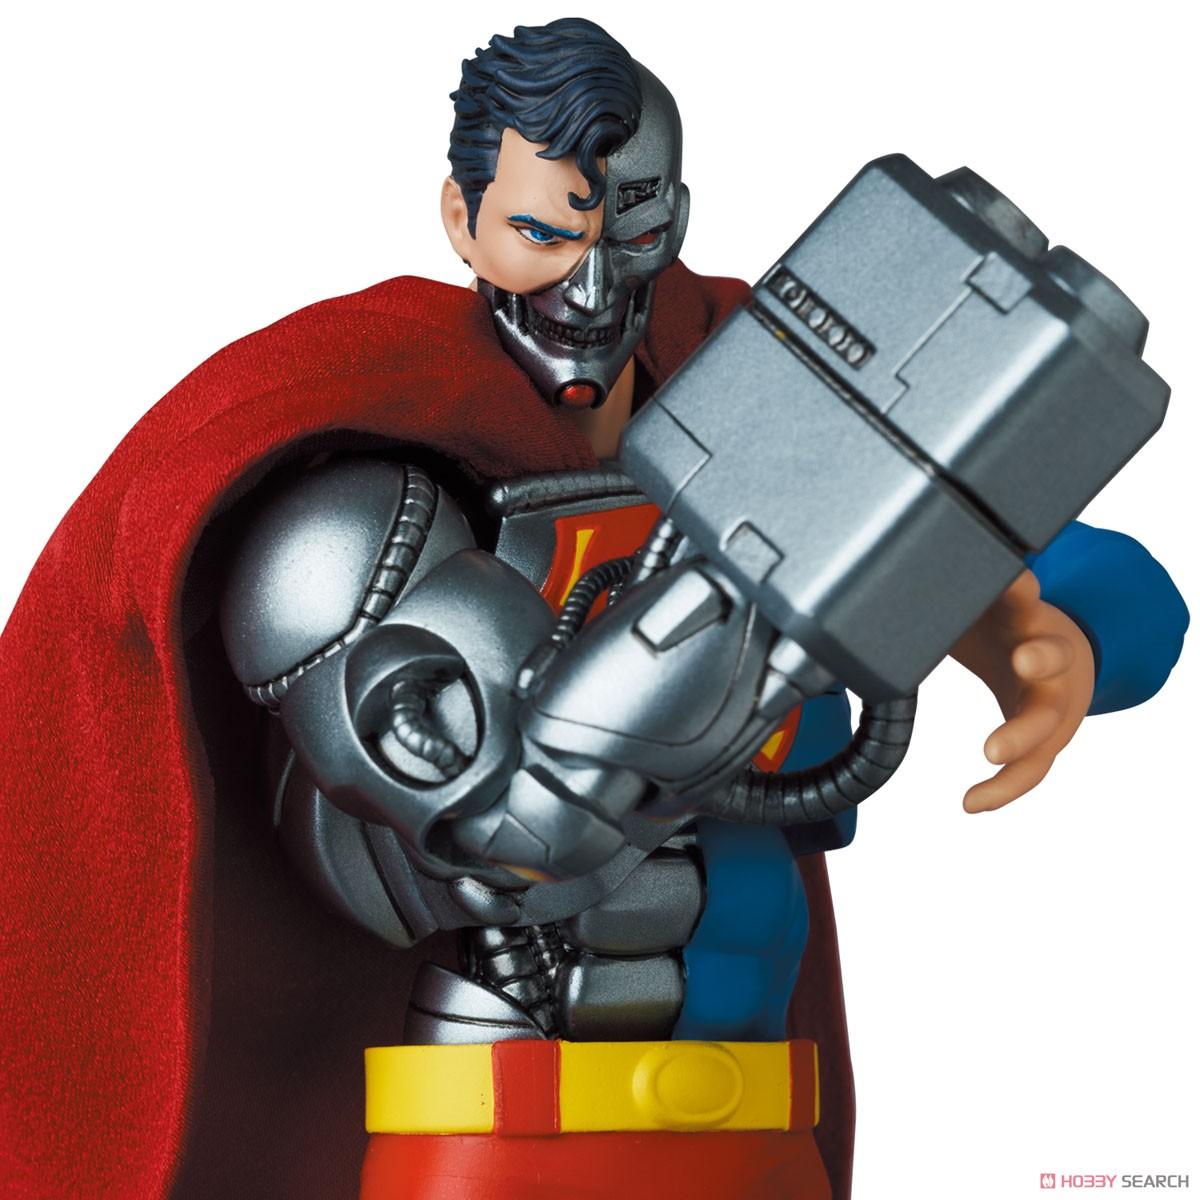 マフェックス No.164 MAFEX『サイボーグ スーパーマン/CYBORG SUPERMAN(RETURN OF SUPERMAN)』リターン・オブ・スーパーマン 可動フィギュア-013